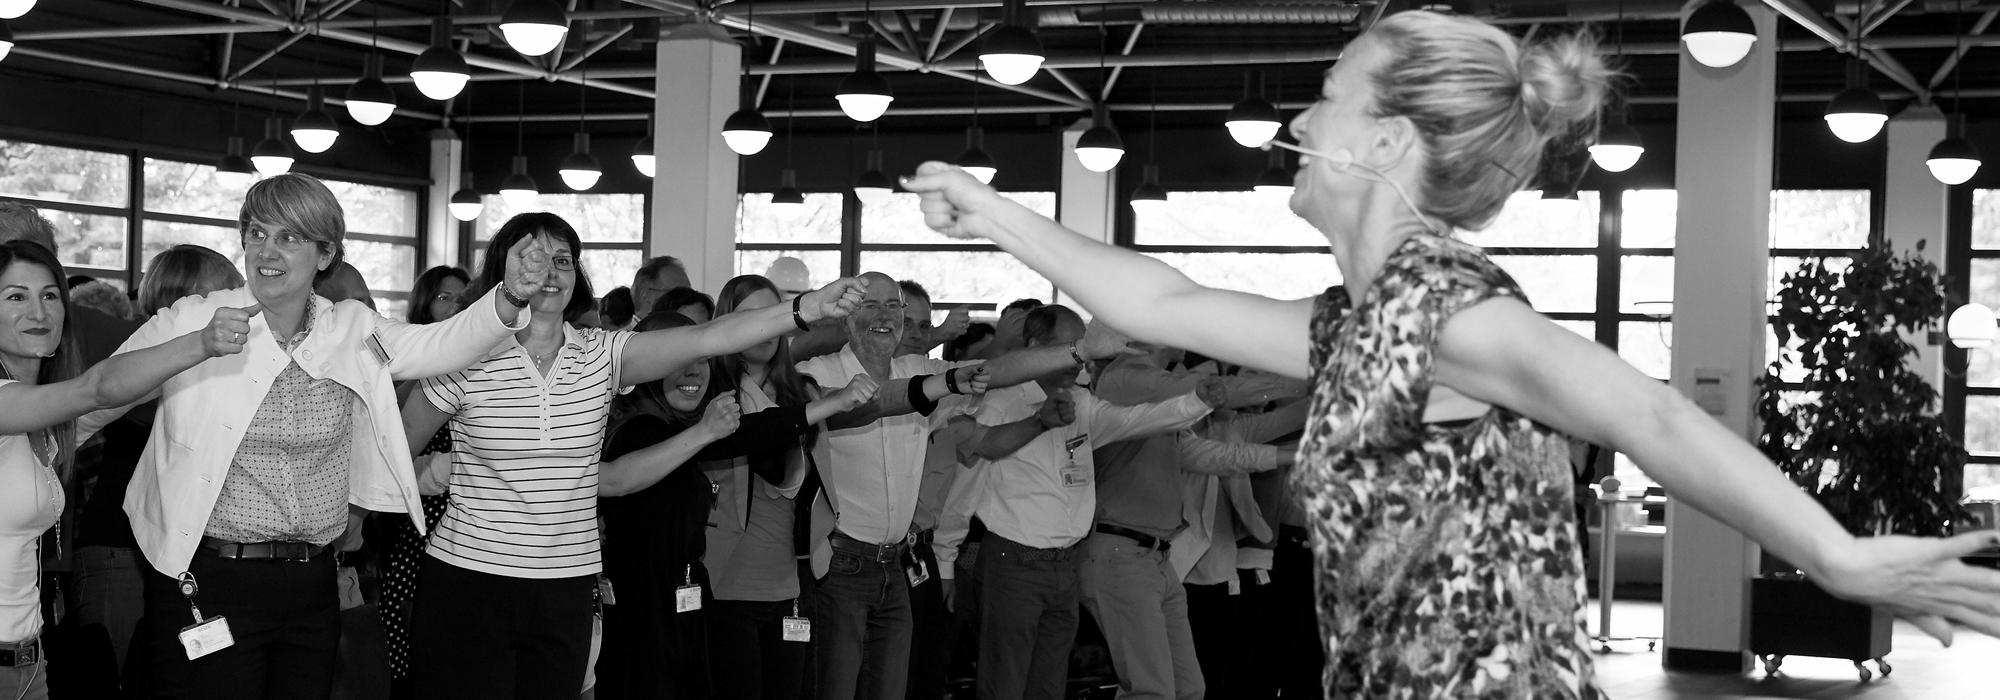 Heidrun Link ist eine Expertin für Gehirnfitness-Training </br>Ein Erlebnis und perfektes Infotainment